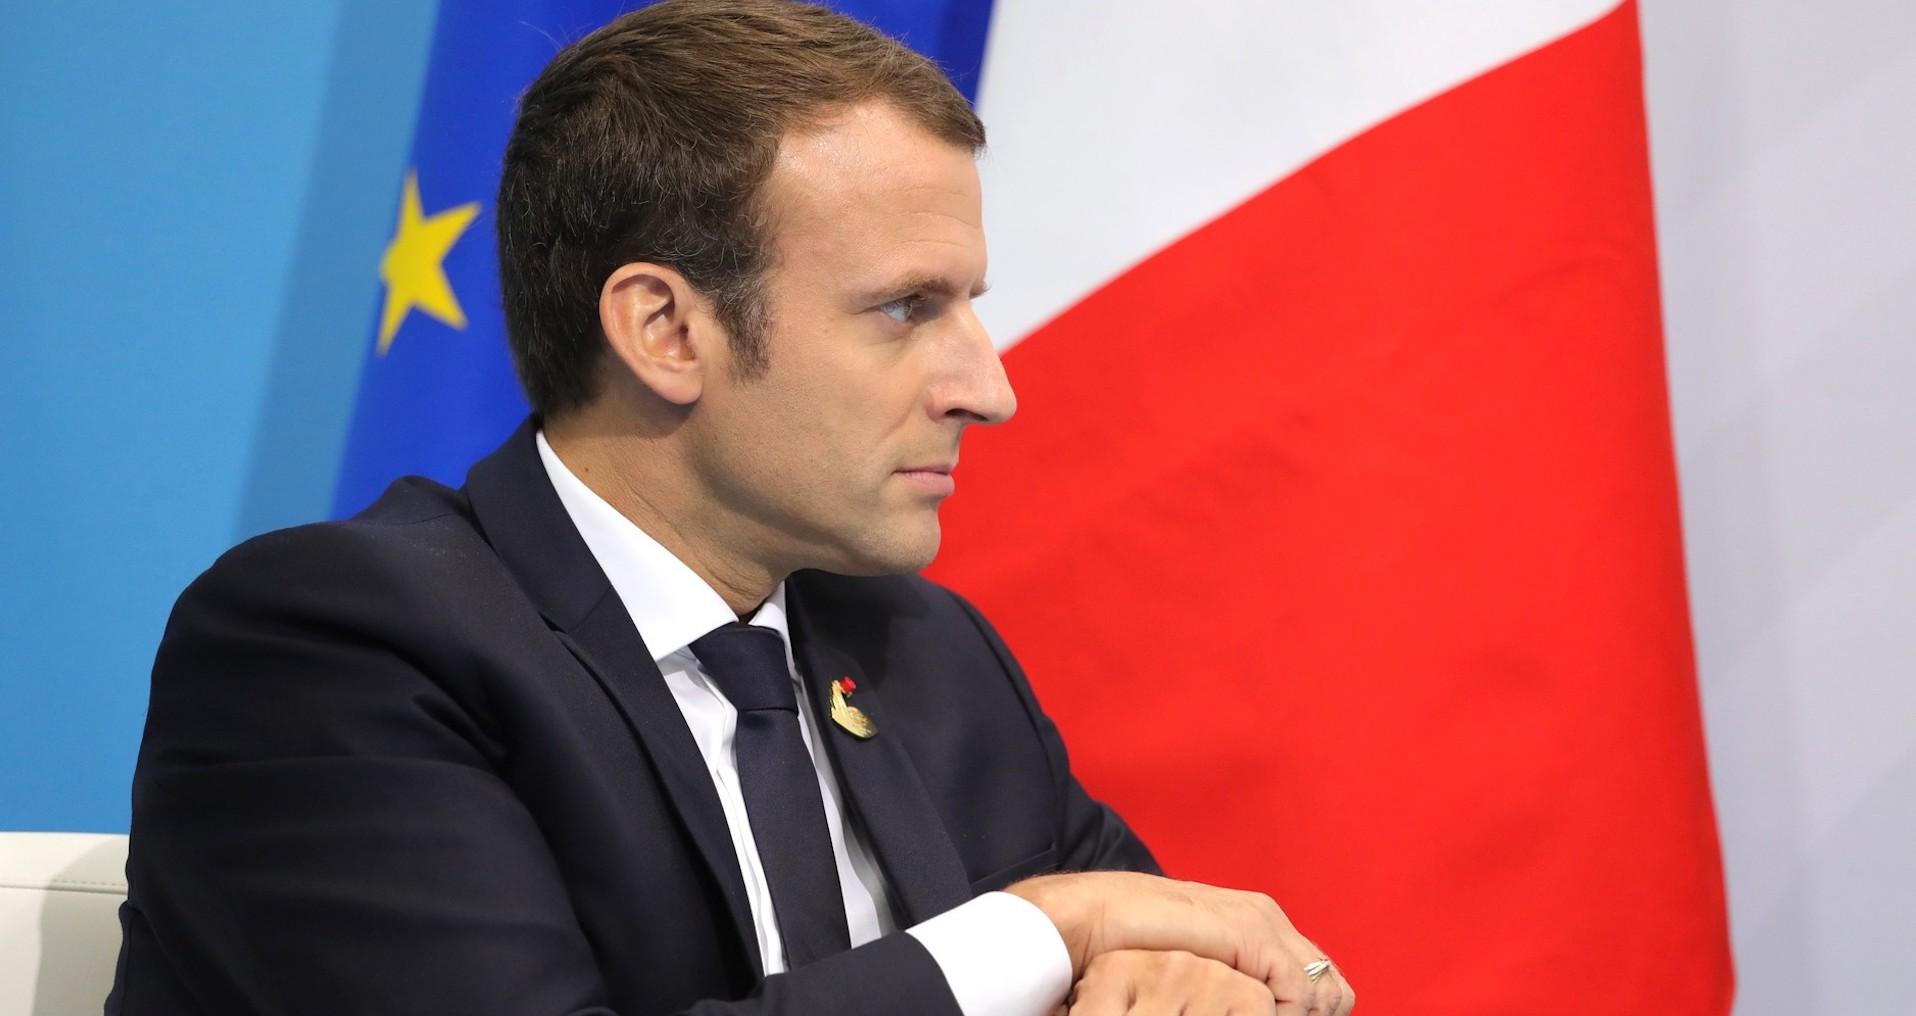 francia-noticias-falsas